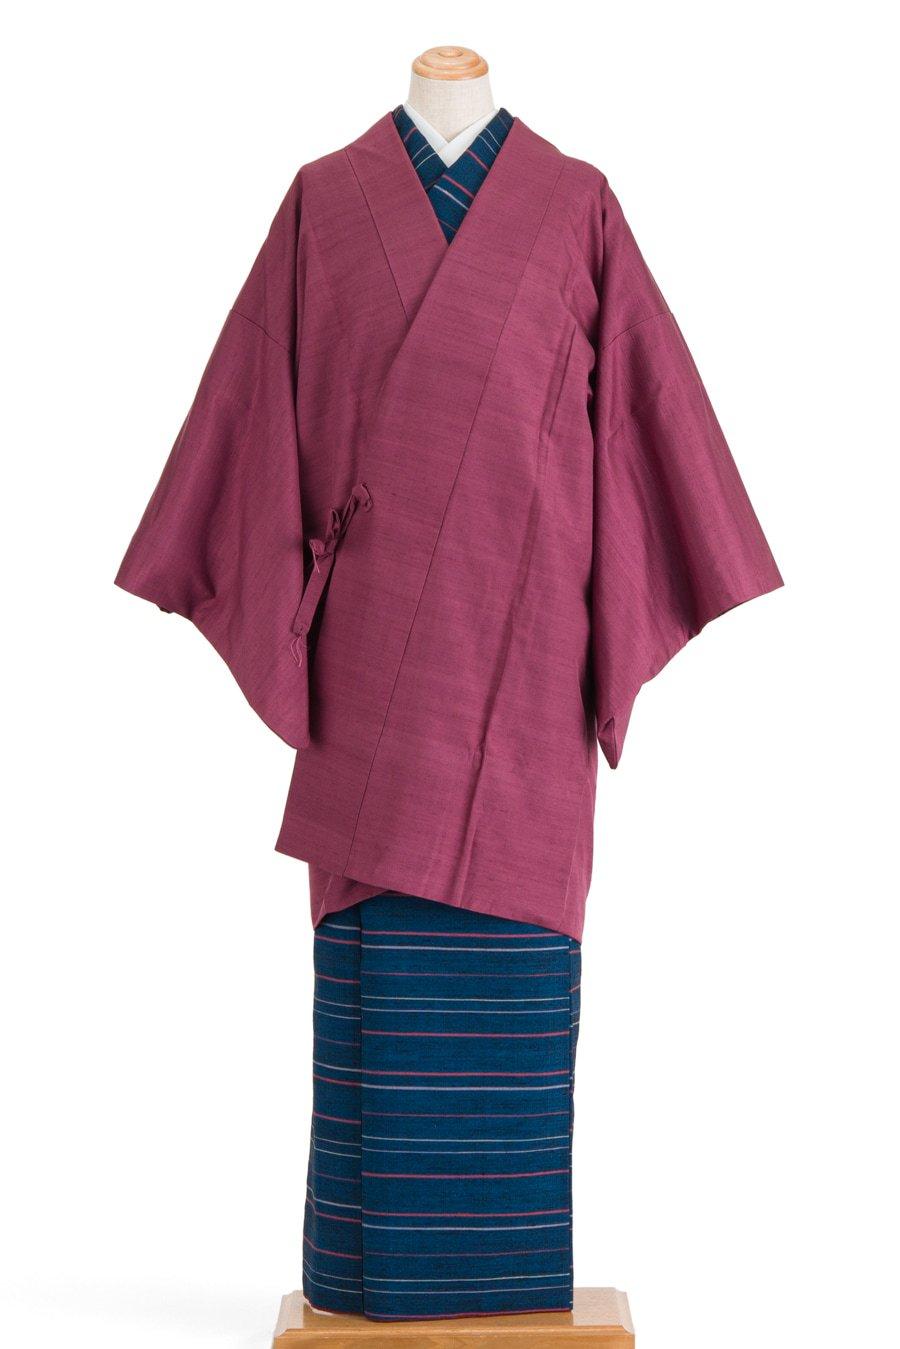 「道中着 無地紬 赤紫」の商品画像